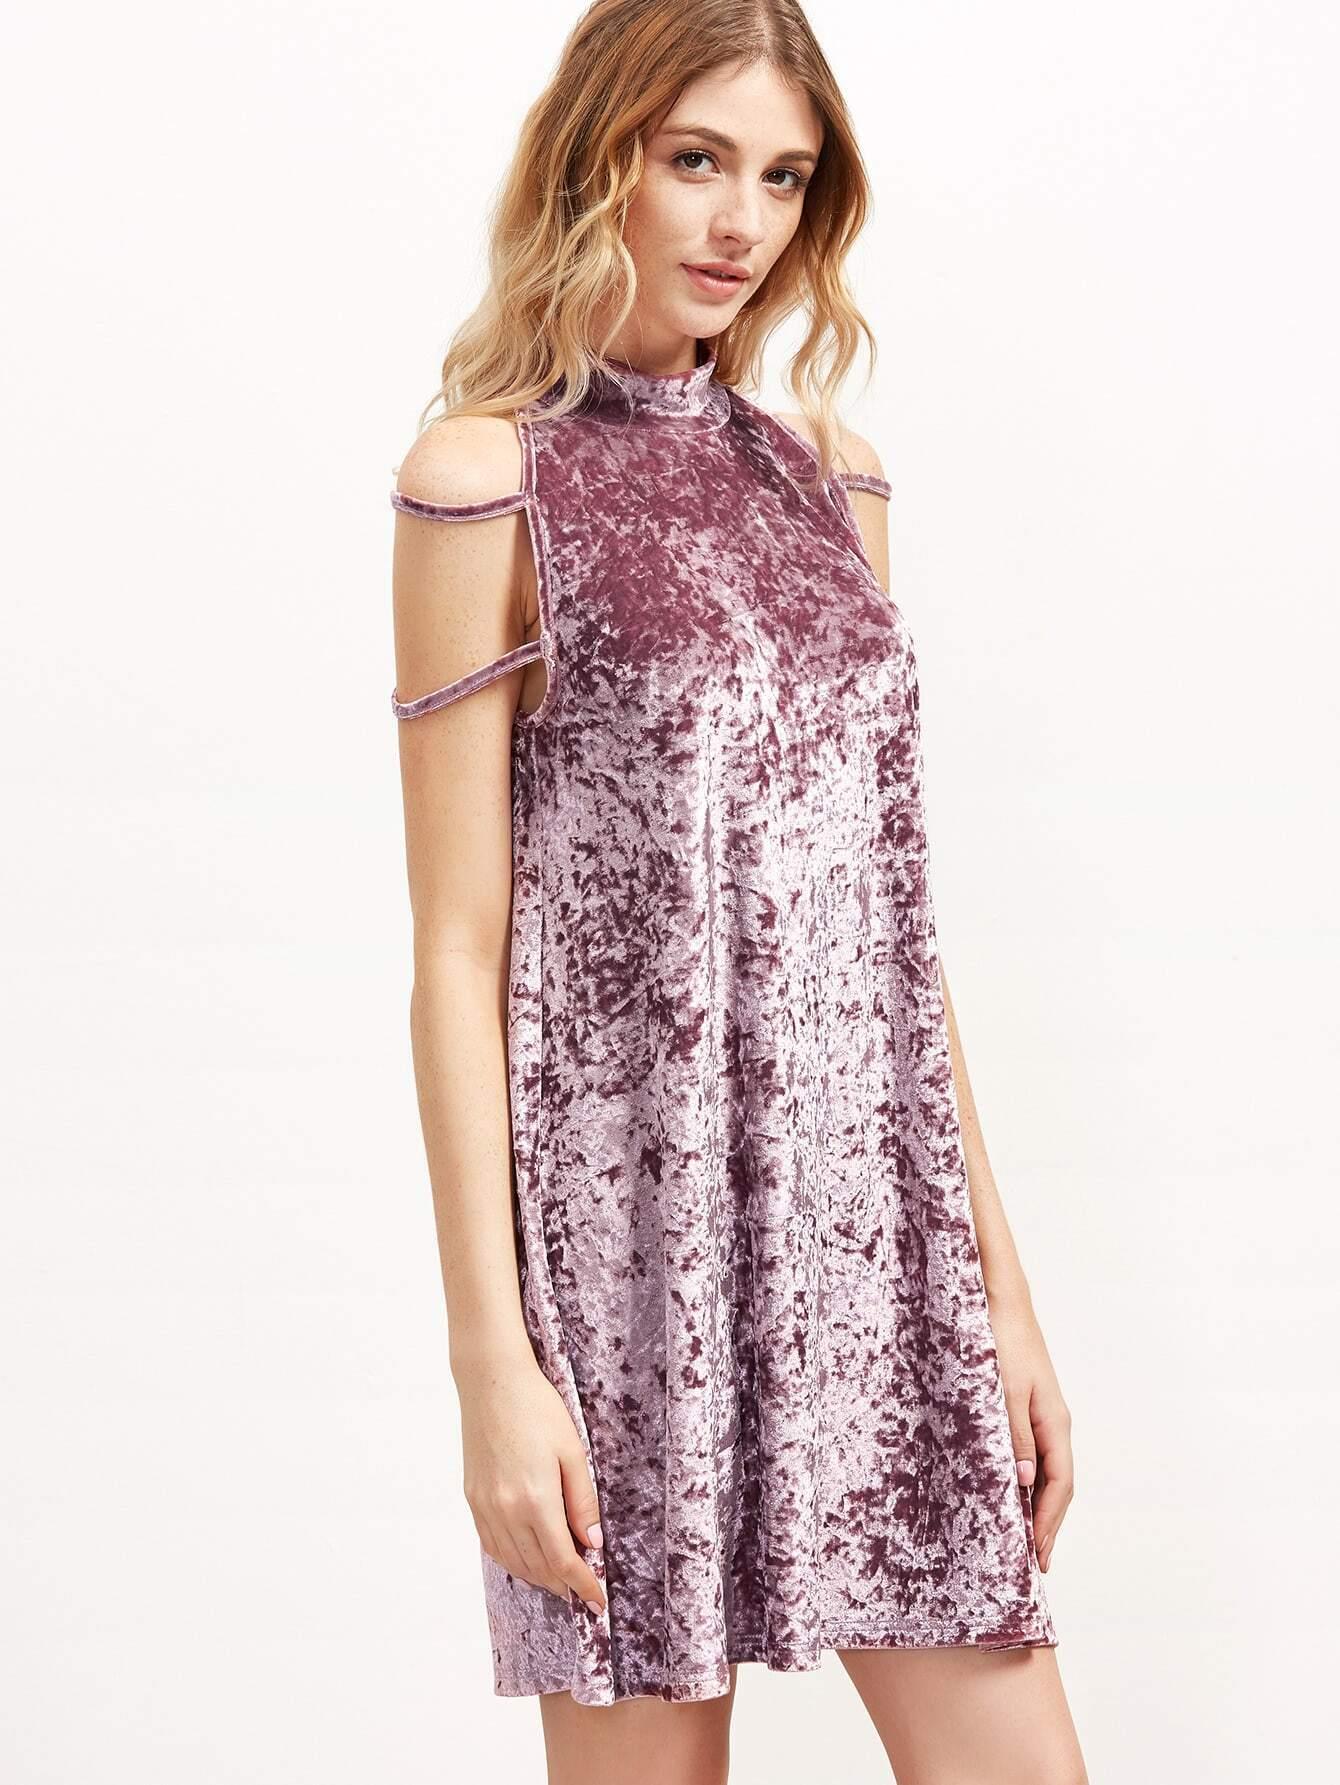 dress161019721_2